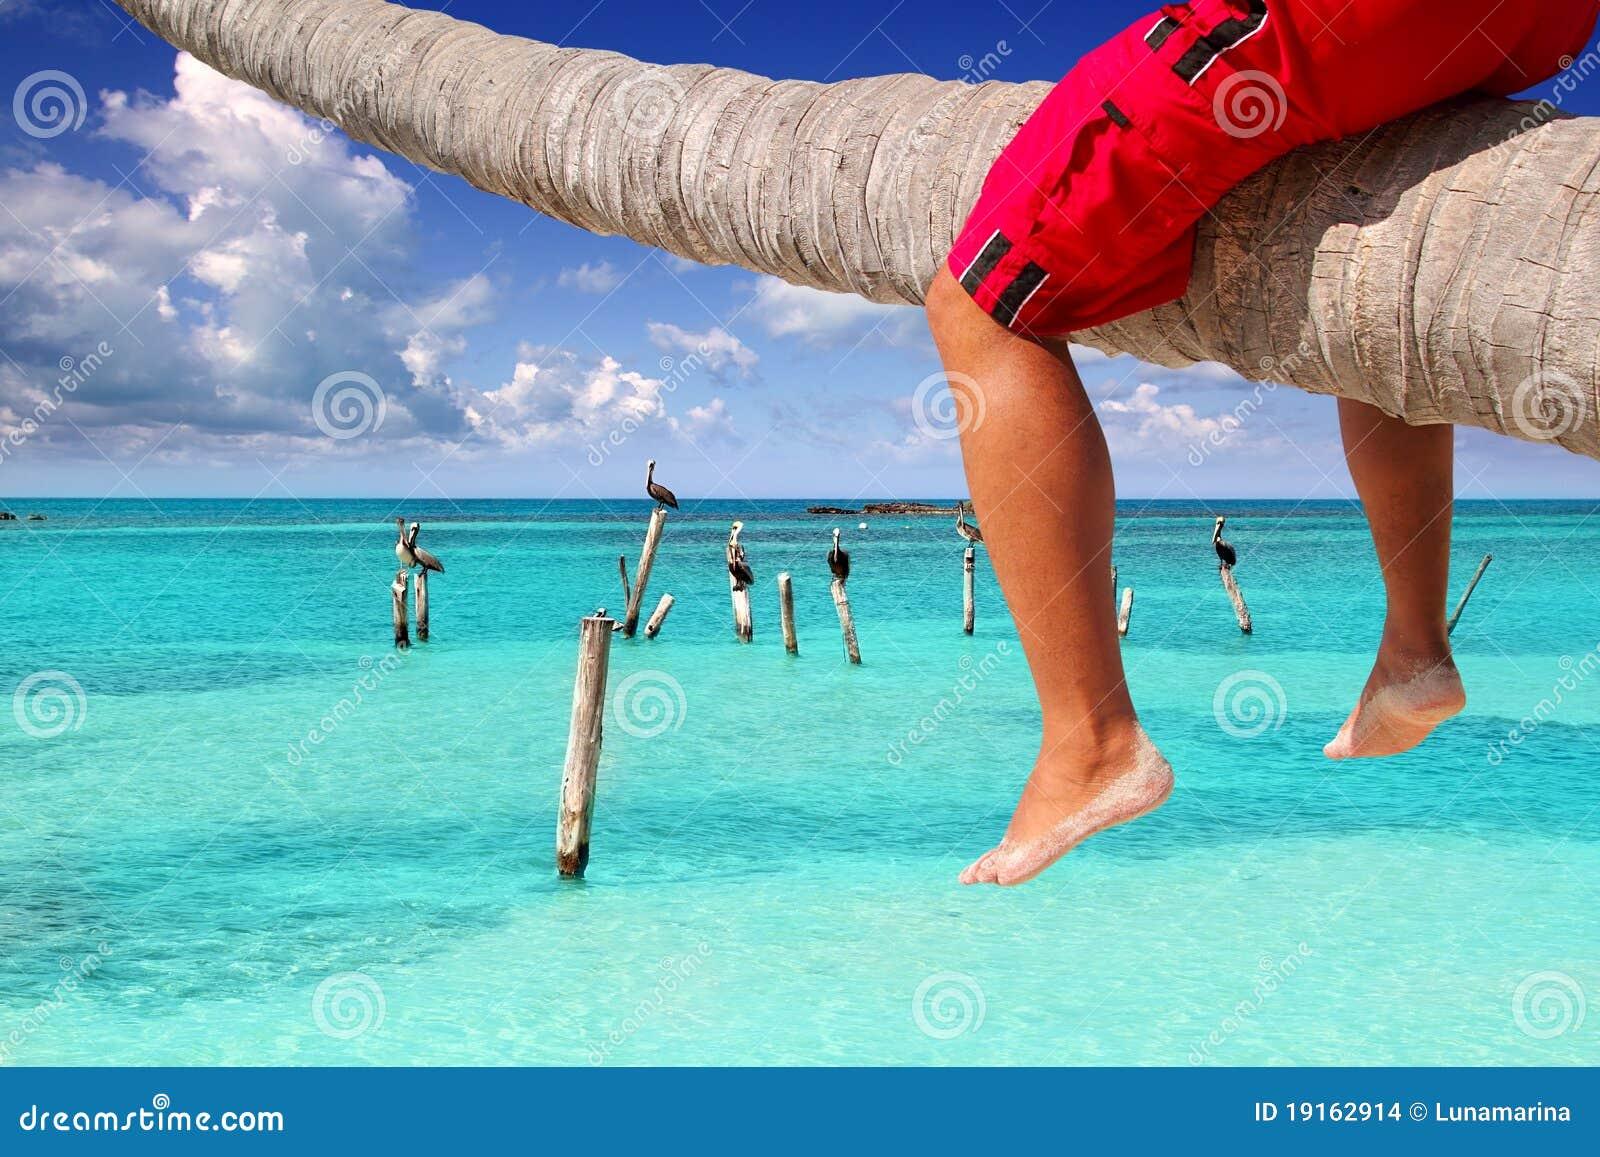 Pés inclined do Cararibe do turista da praia da palmeira